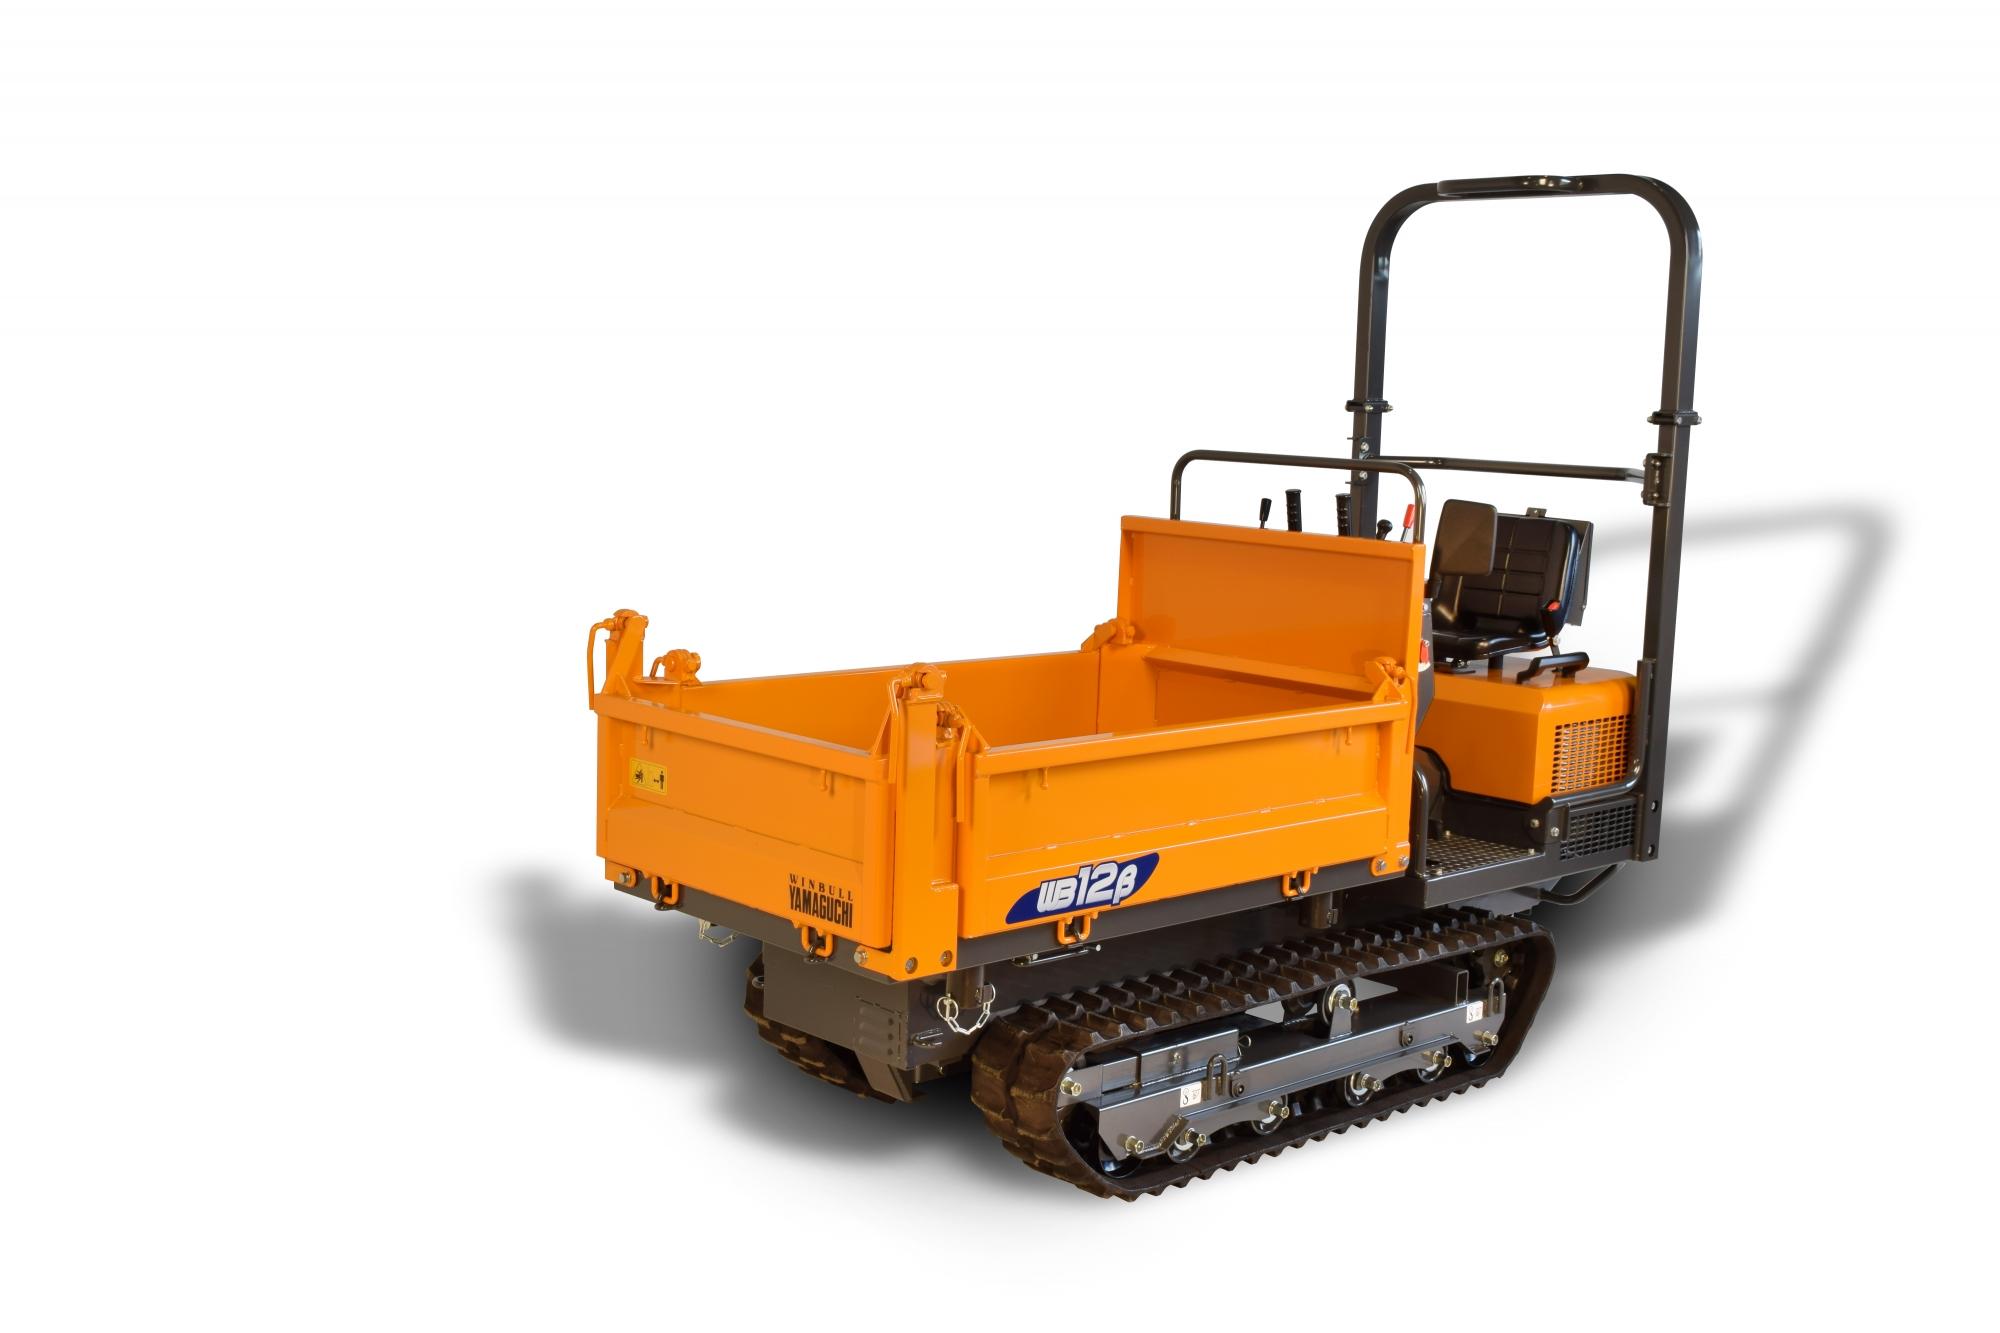 Yamaguchi Wb12 Mini Crawler Tracked Dumper Cautrac